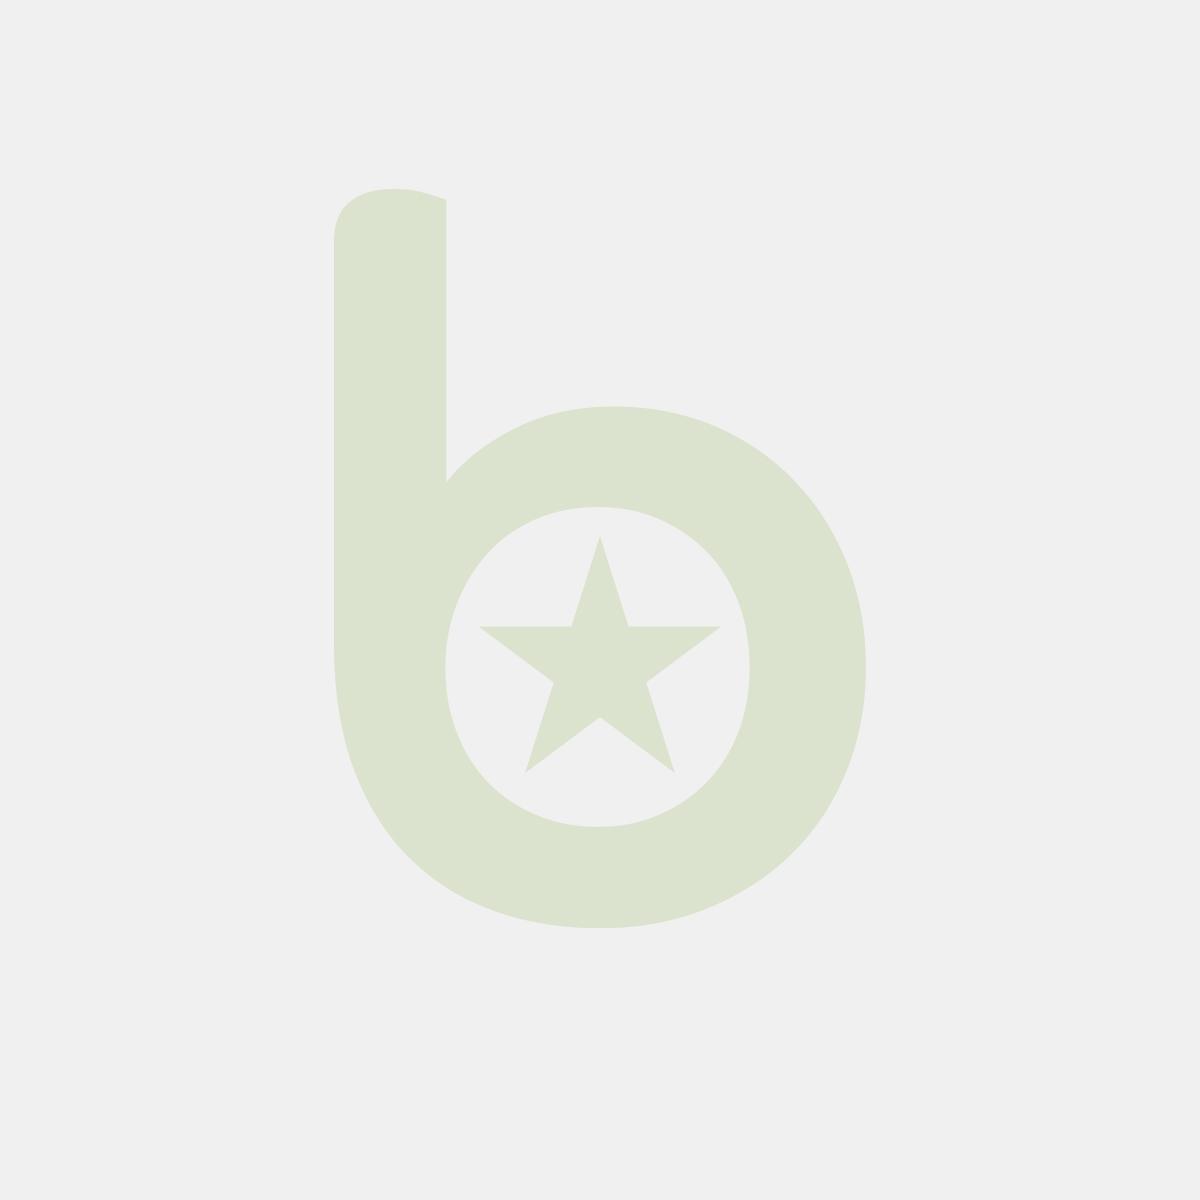 Koperta KEBAB foliowana, cena za opakowanie 200szt